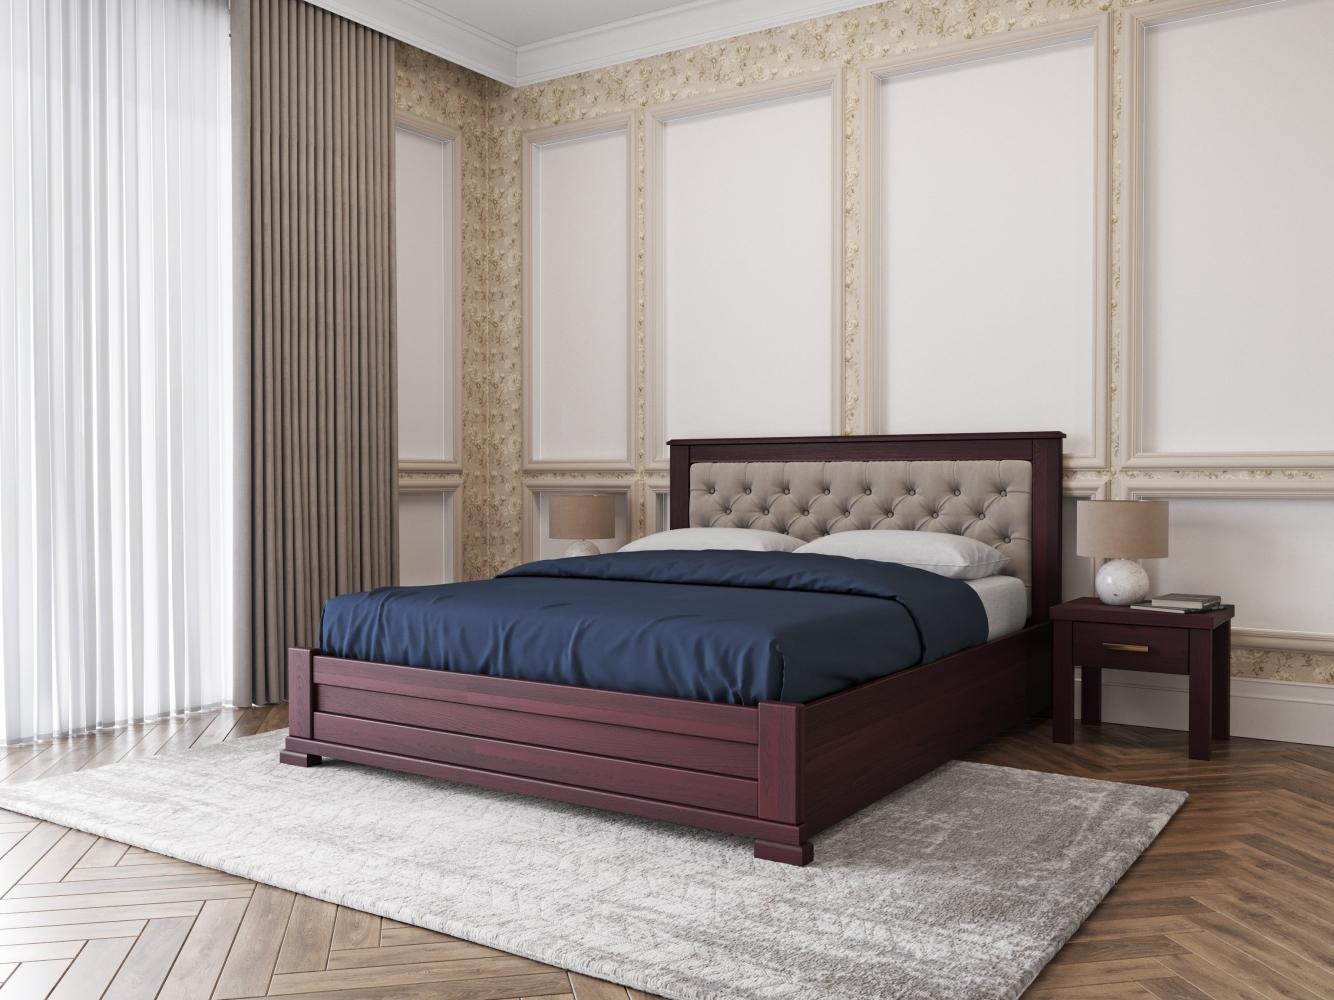 Ліжко ЛОРД М50 з механізмом ЛЕВ 9